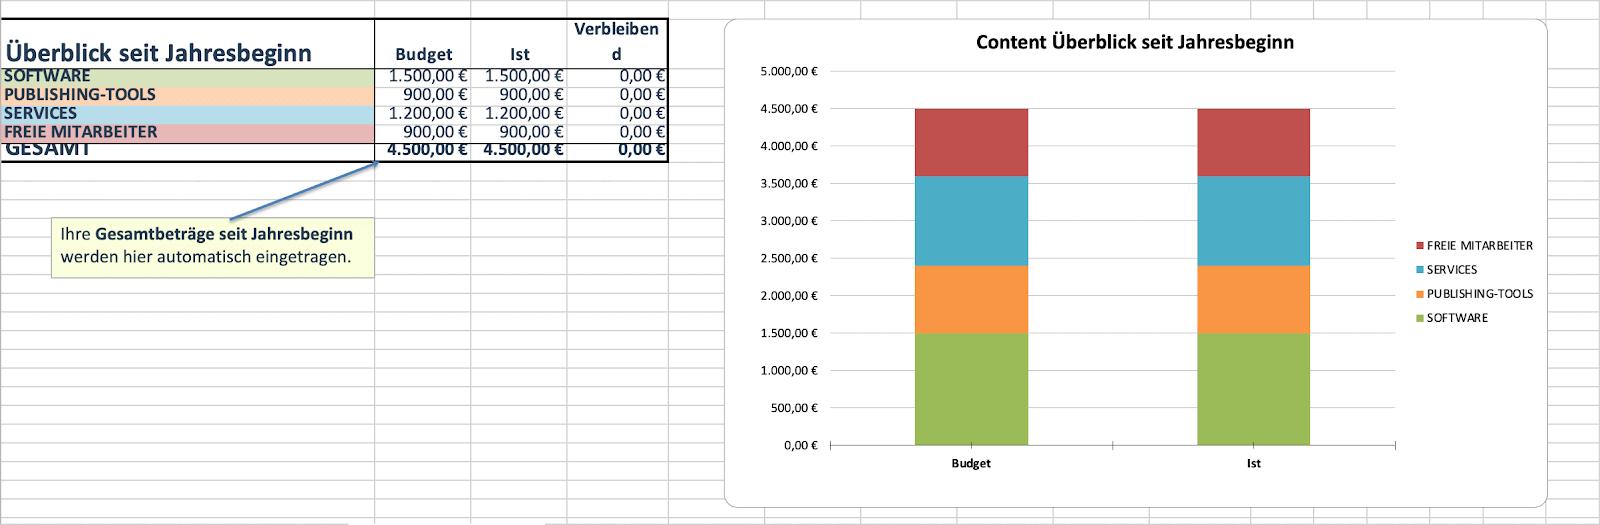 Marketingbudget Vorlage für Content seit Jahresbeginn Excel Tabelle